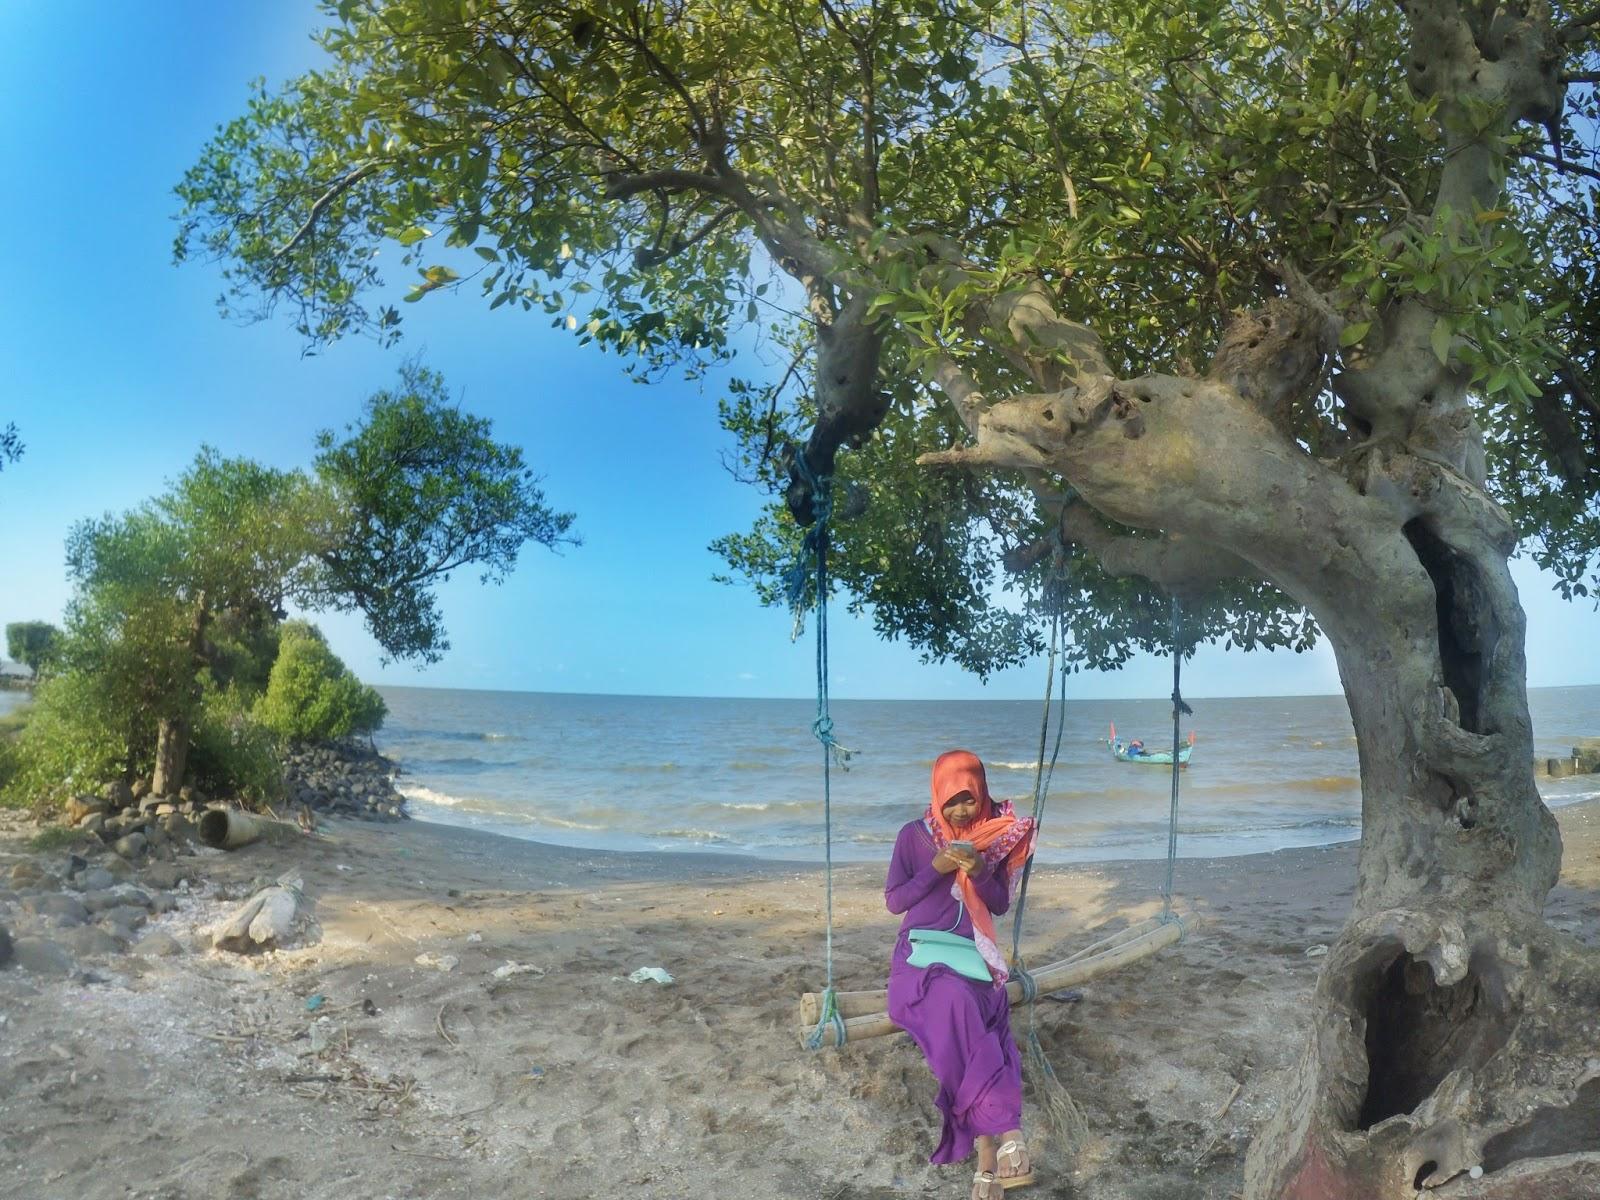 Kucing Imut Pantai Cinta Kabupaten Pati Banyutowo Kab